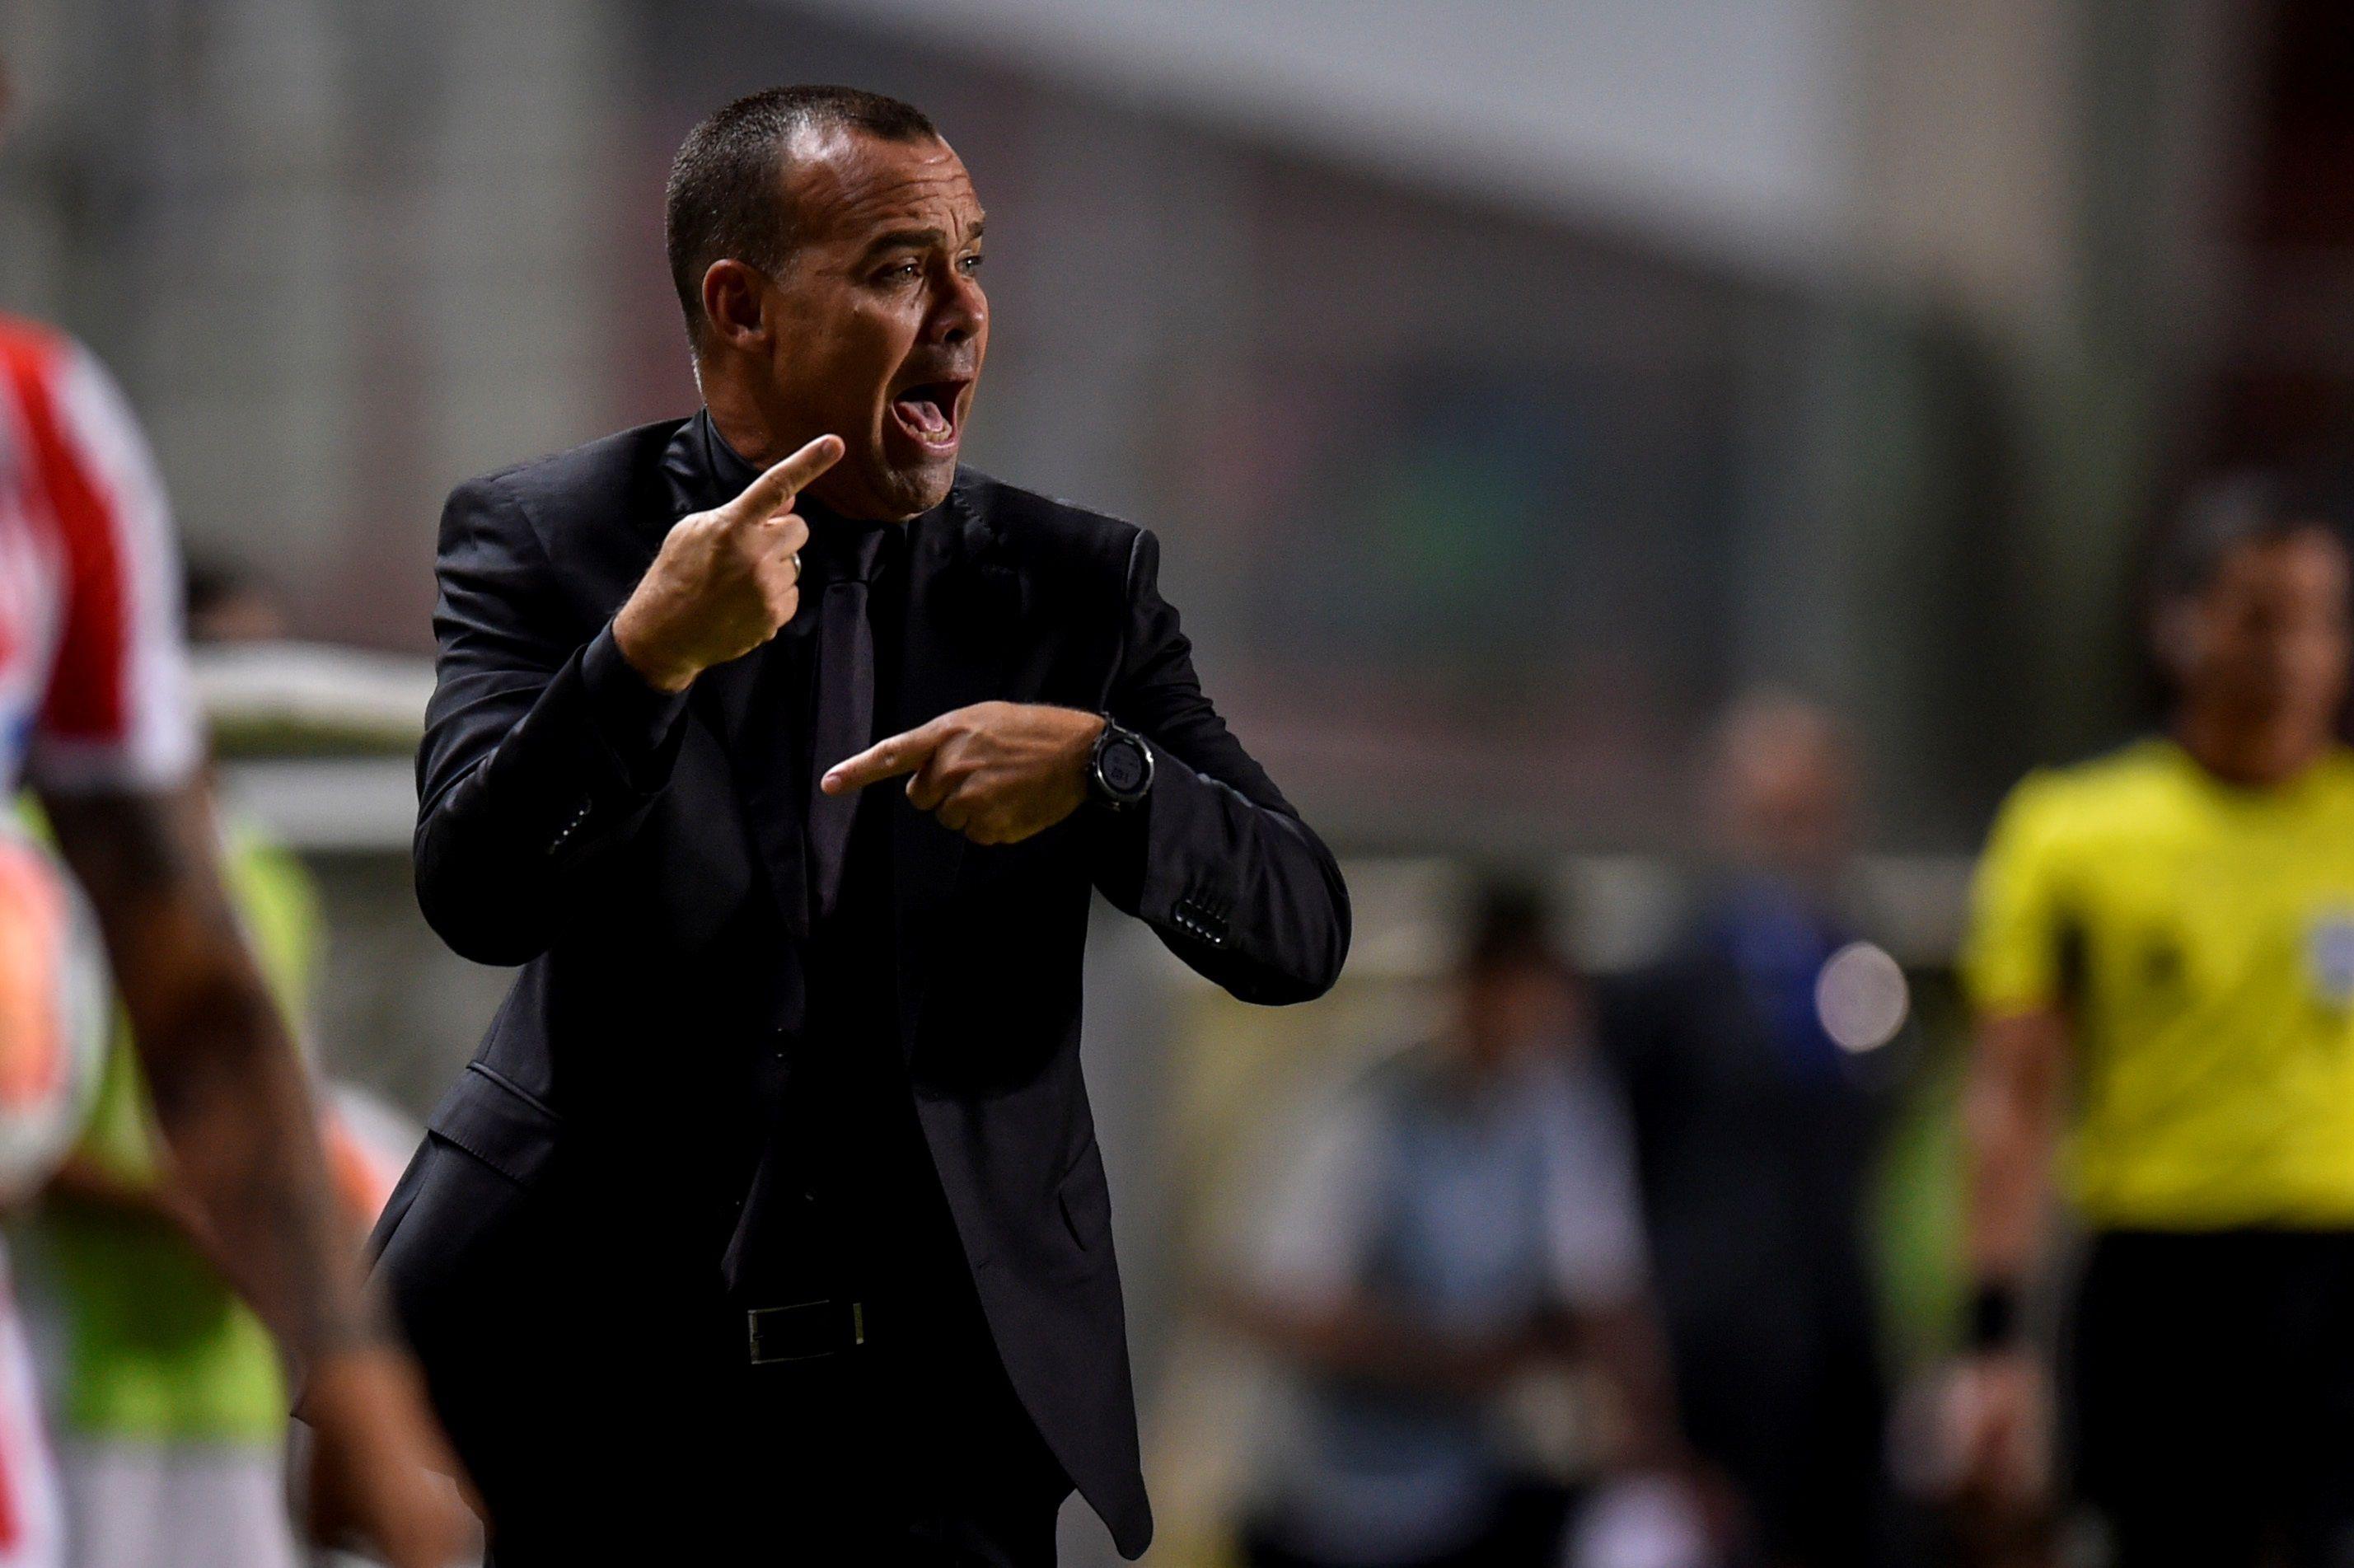 Fotografía de archivo en la que se registró al entrenador venezolano Rafael Dudamel, técnico del club colombiano de fútbol Deportivo Cali. EFE/Yuri Edmundo